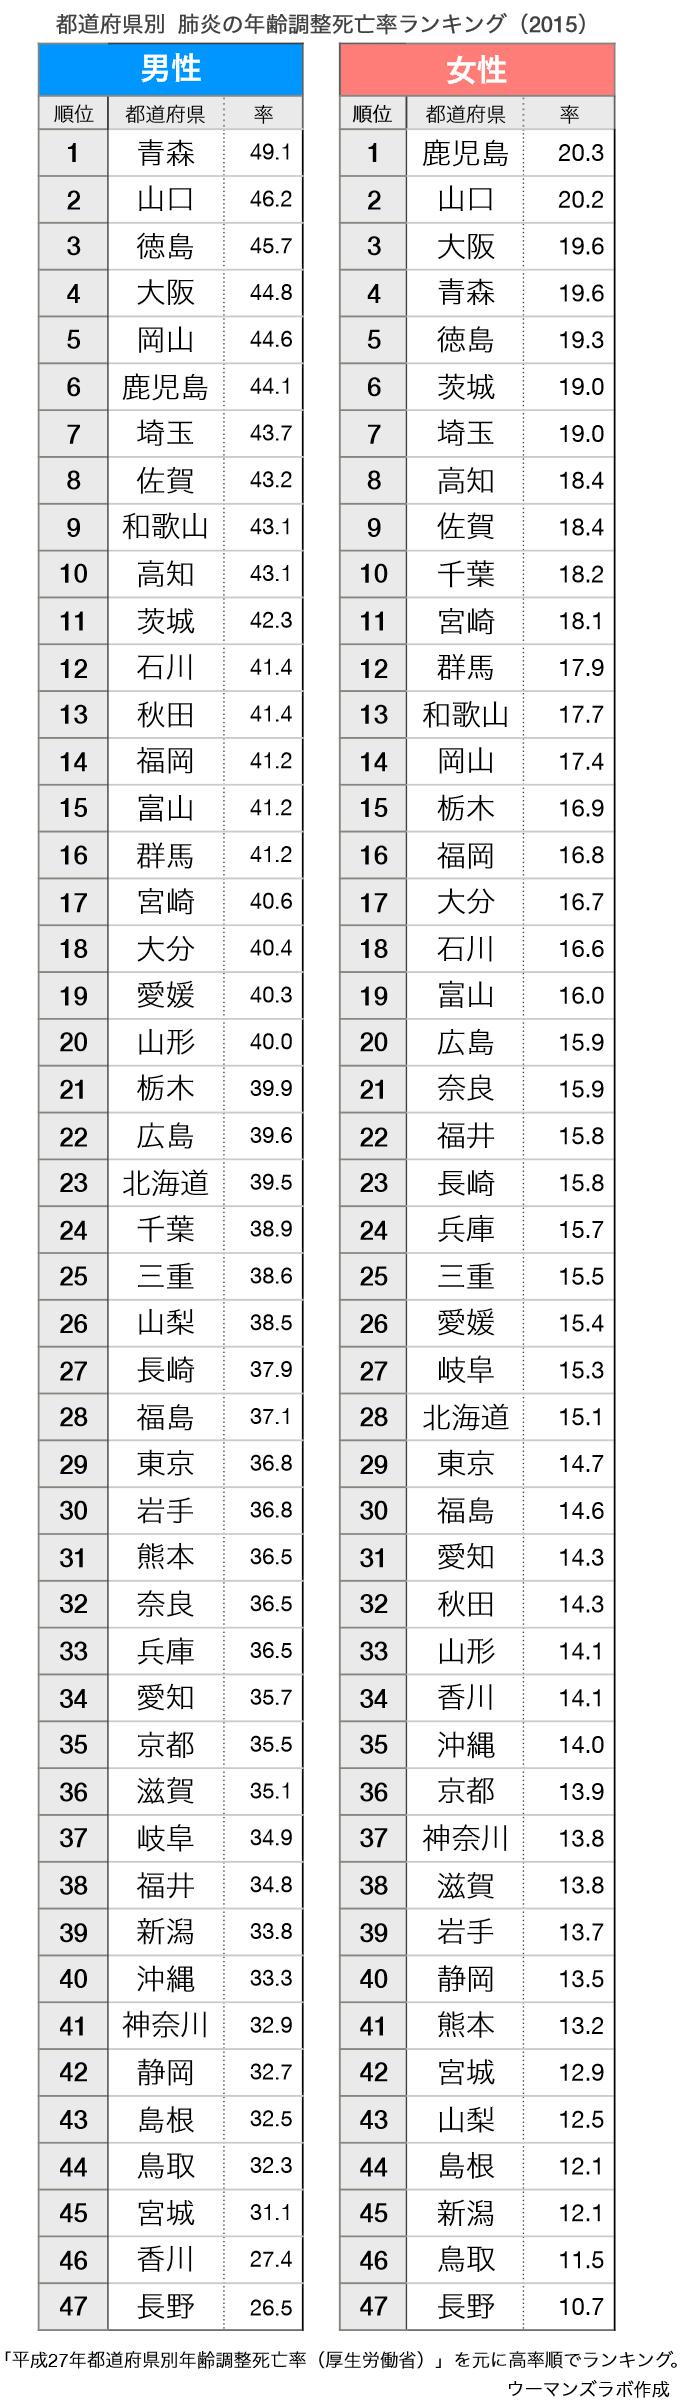 47都道府県の3大死因死亡率ランキング